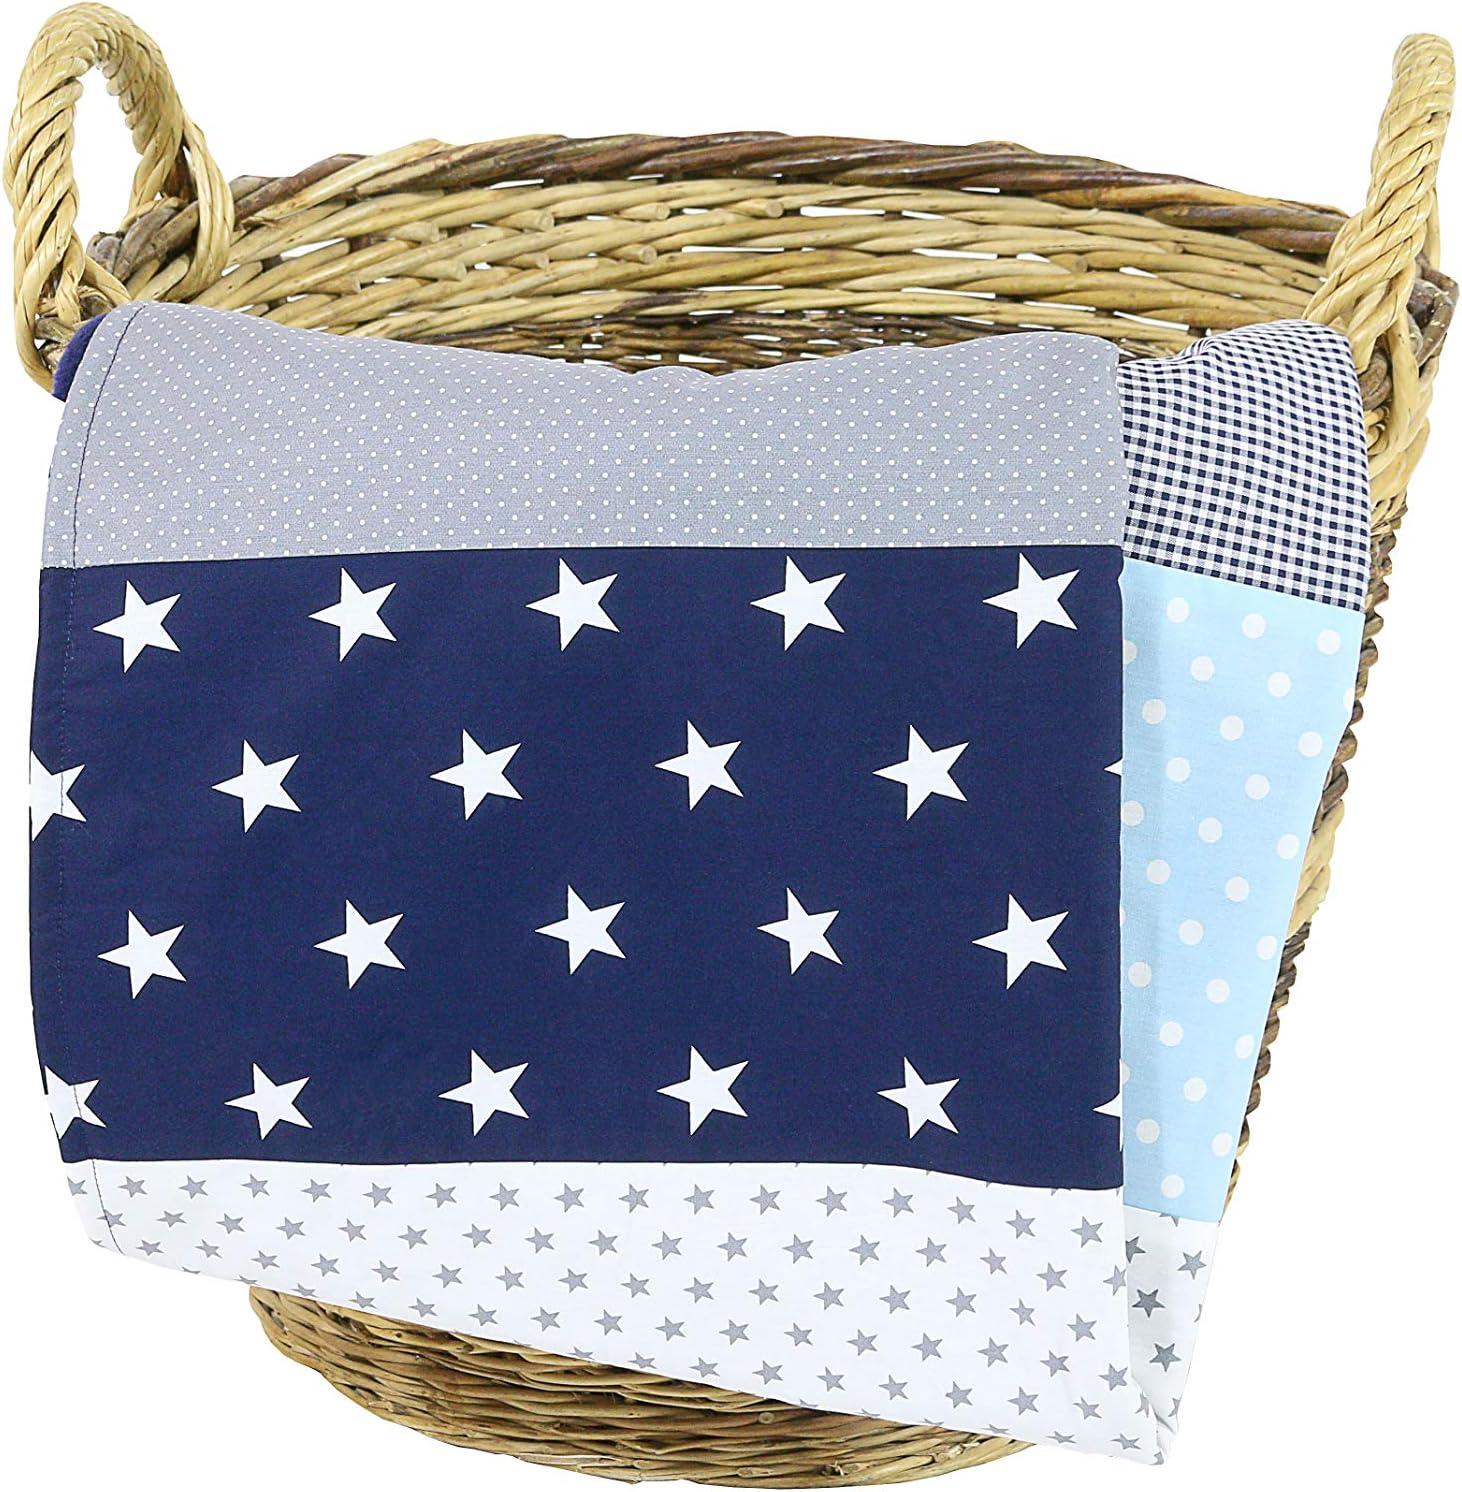 Colcha para bebé de ULLENBOOM ® con azul claro azul gris (manta de arrullo para bebé de 70 x 100 cm, ideal colcha para el cochecito; apta alfombra de juegos): Amazon.es: Bebé